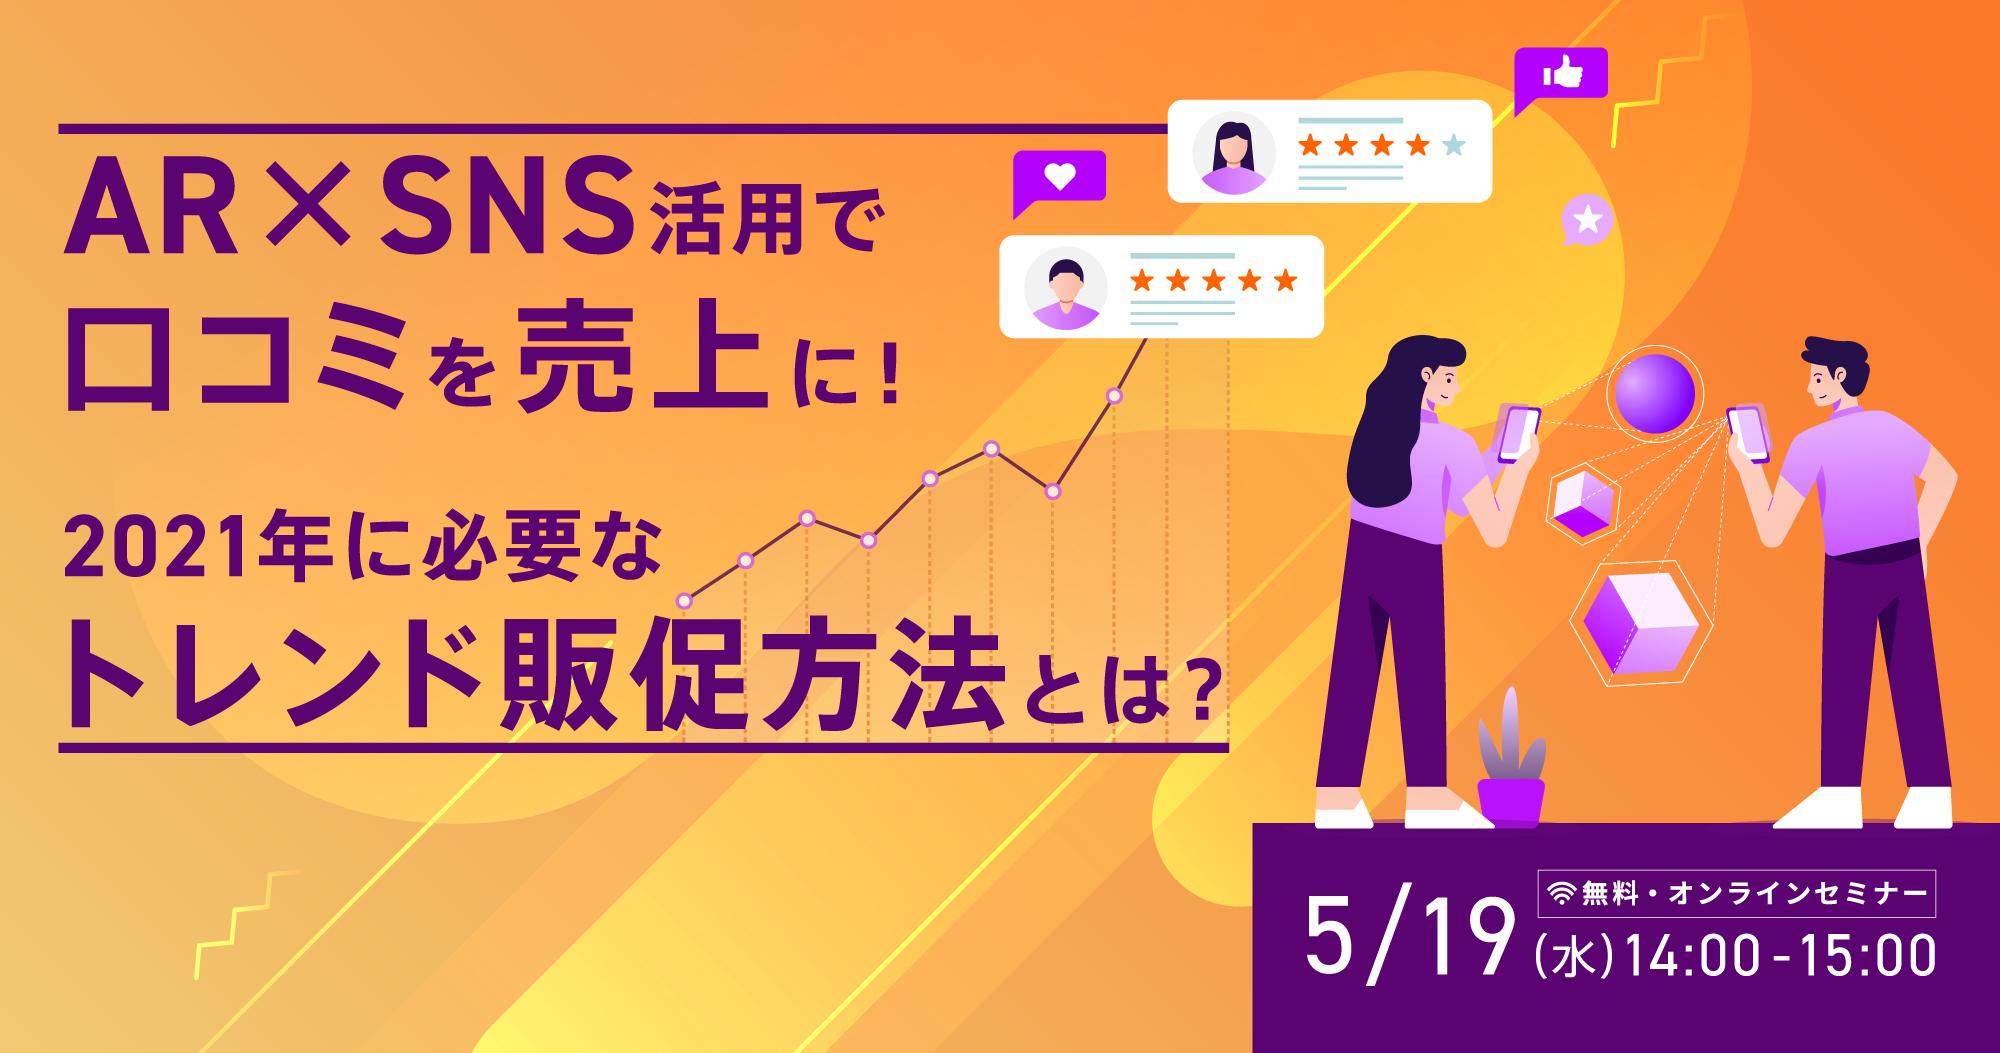 【3月17日(水)】『Marketing CIRCUS DAY 2021』誰も教えてくれなかったデジタルマーケティングの基礎を学びつくす